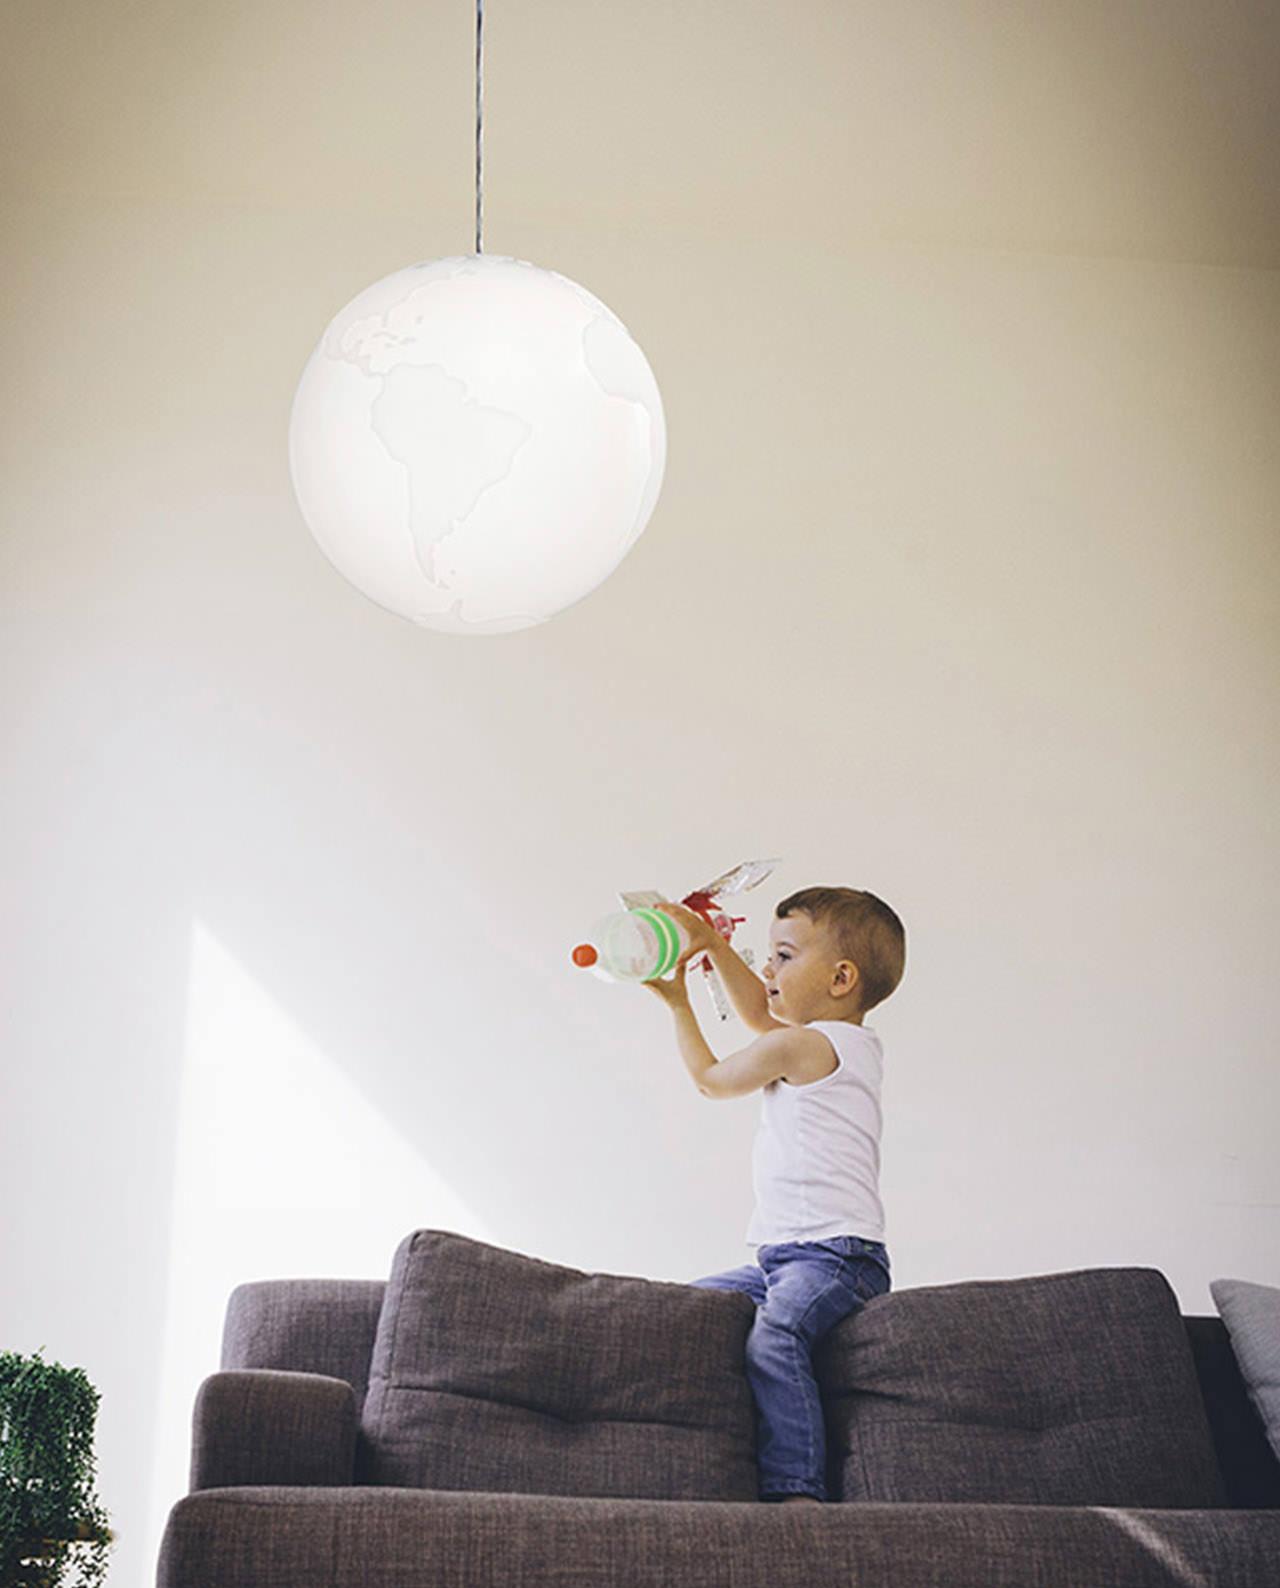 Full Size of Deckenlampe Kinderzimmer Pendant Light Planet Earth Suspension Lamp Formagenda Regale Küche Sofa Esstisch Deckenlampen Für Wohnzimmer Schlafzimmer Modern Kinderzimmer Deckenlampe Kinderzimmer